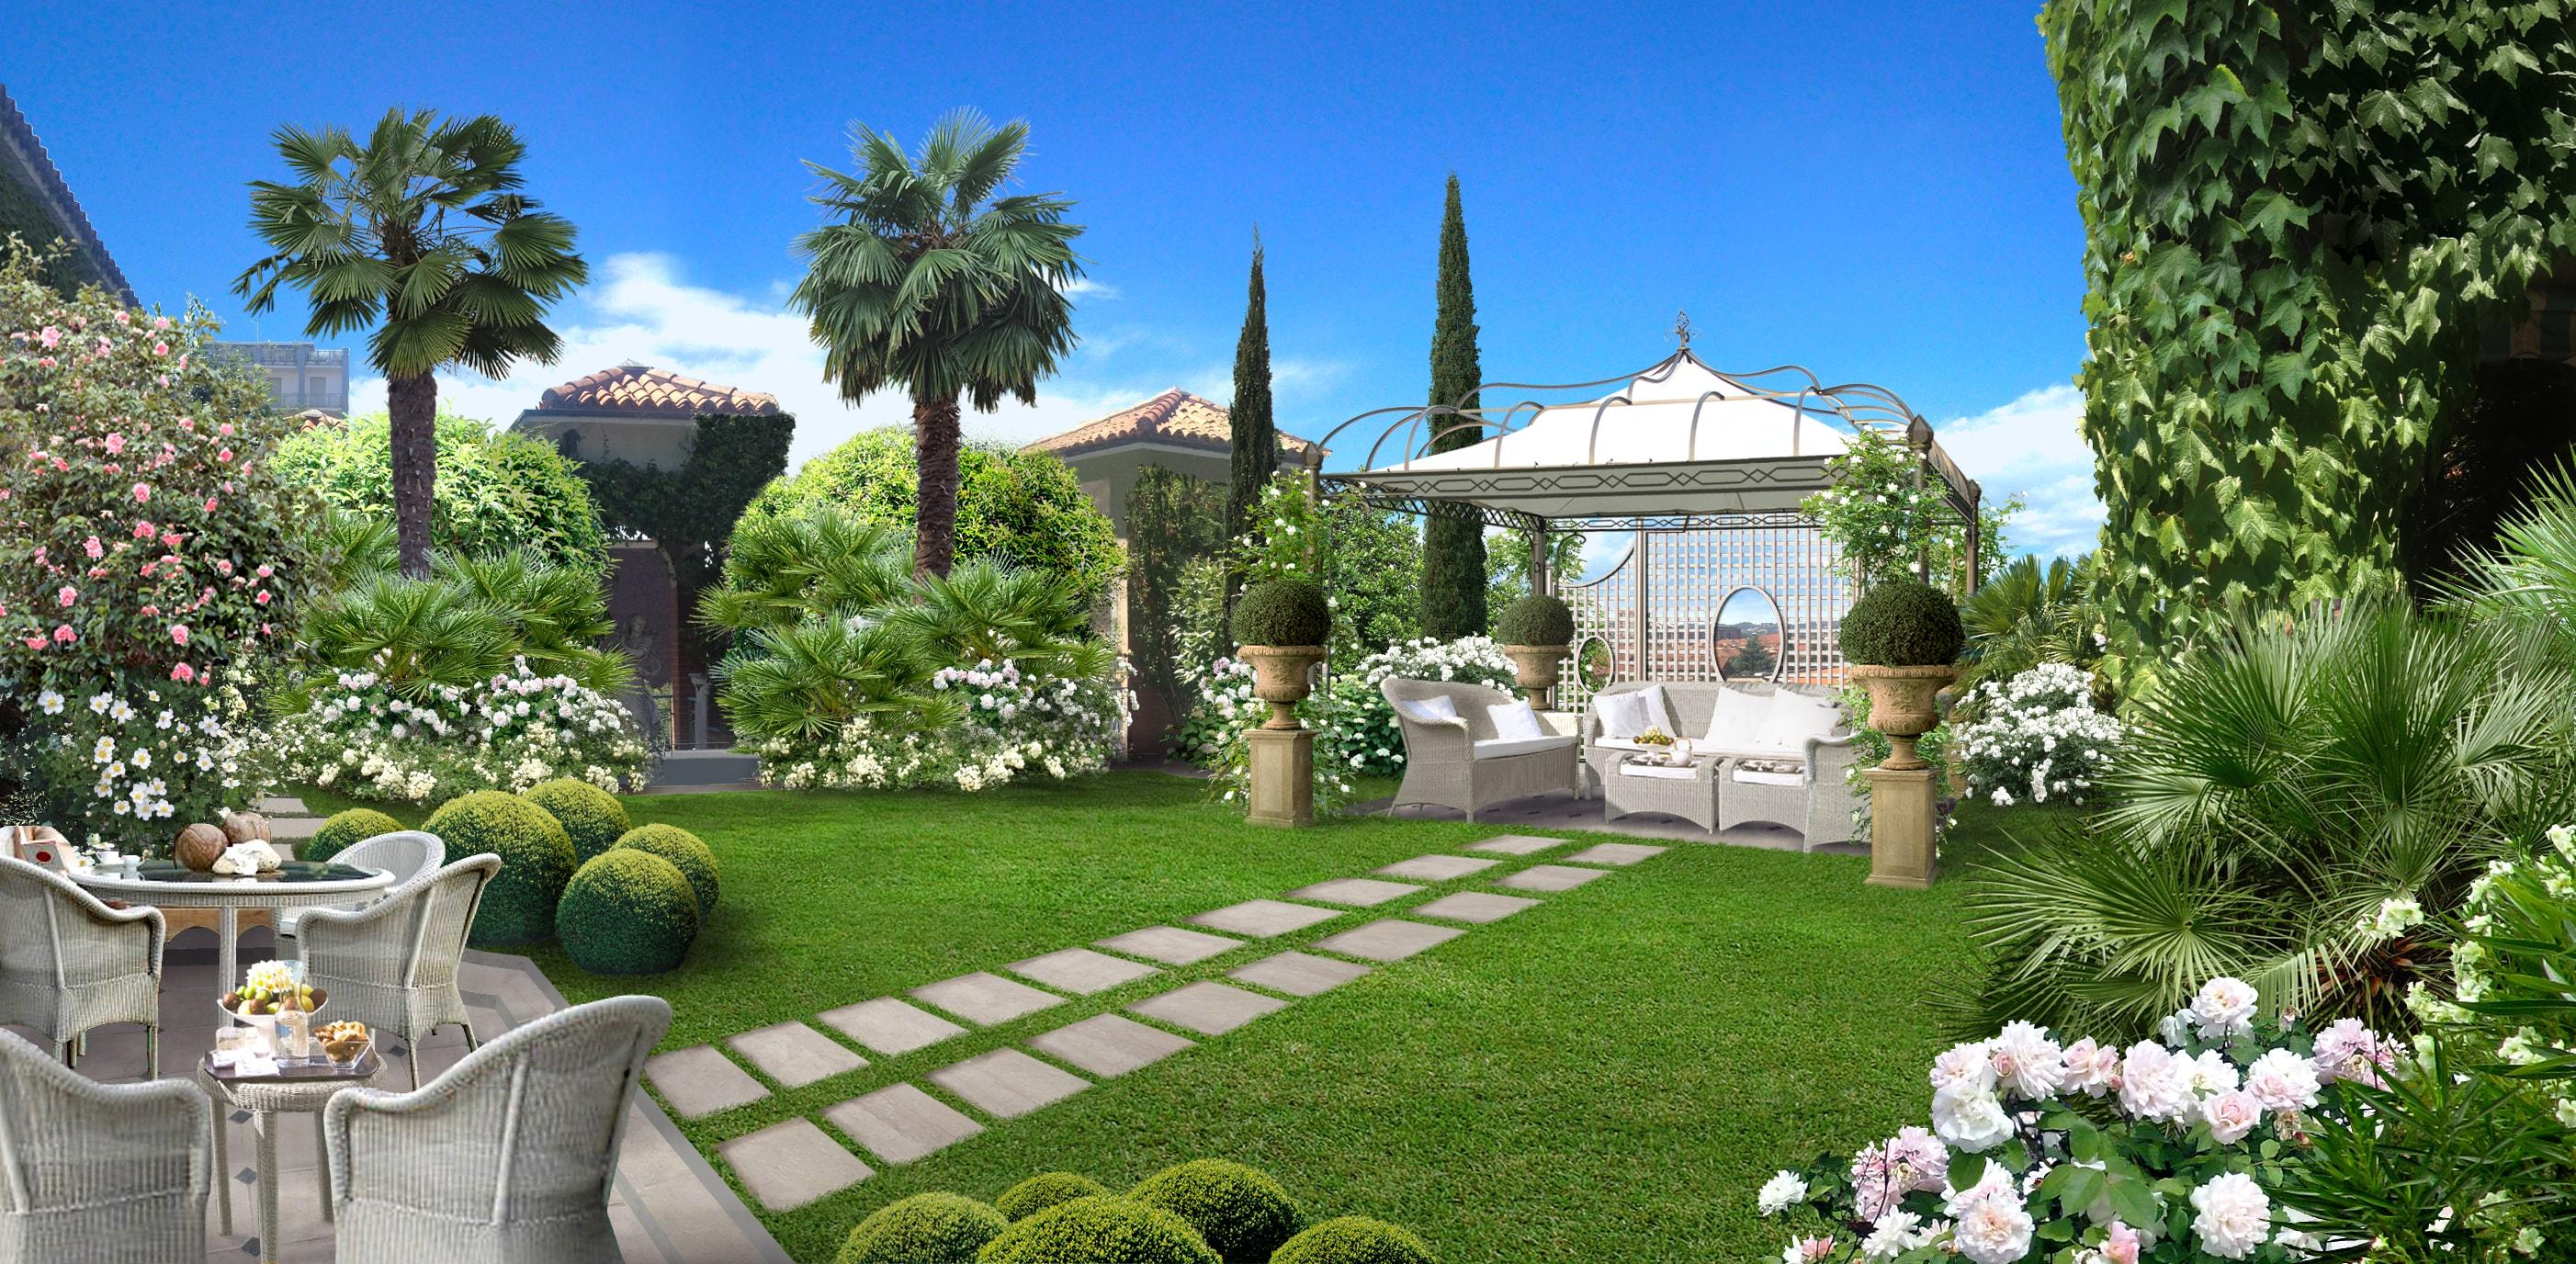 Casa moderna roma italy soluzioni giardino for Soluzioni giardino